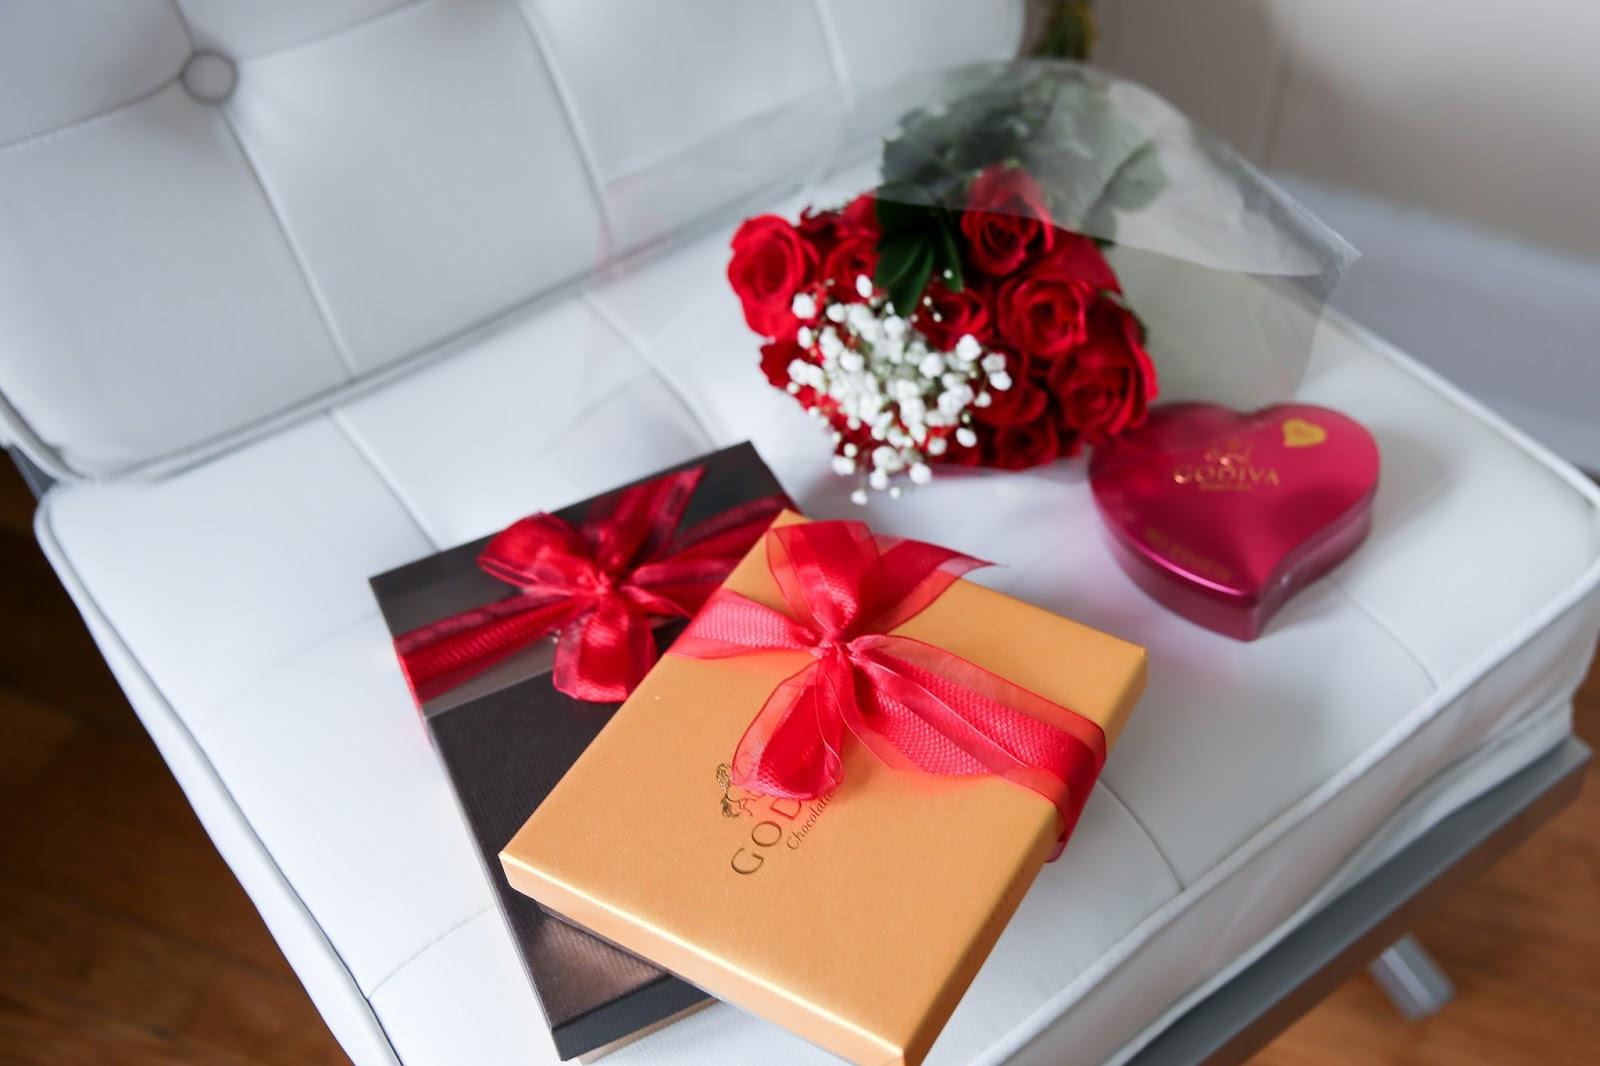 Roses and Godiva Chocolate